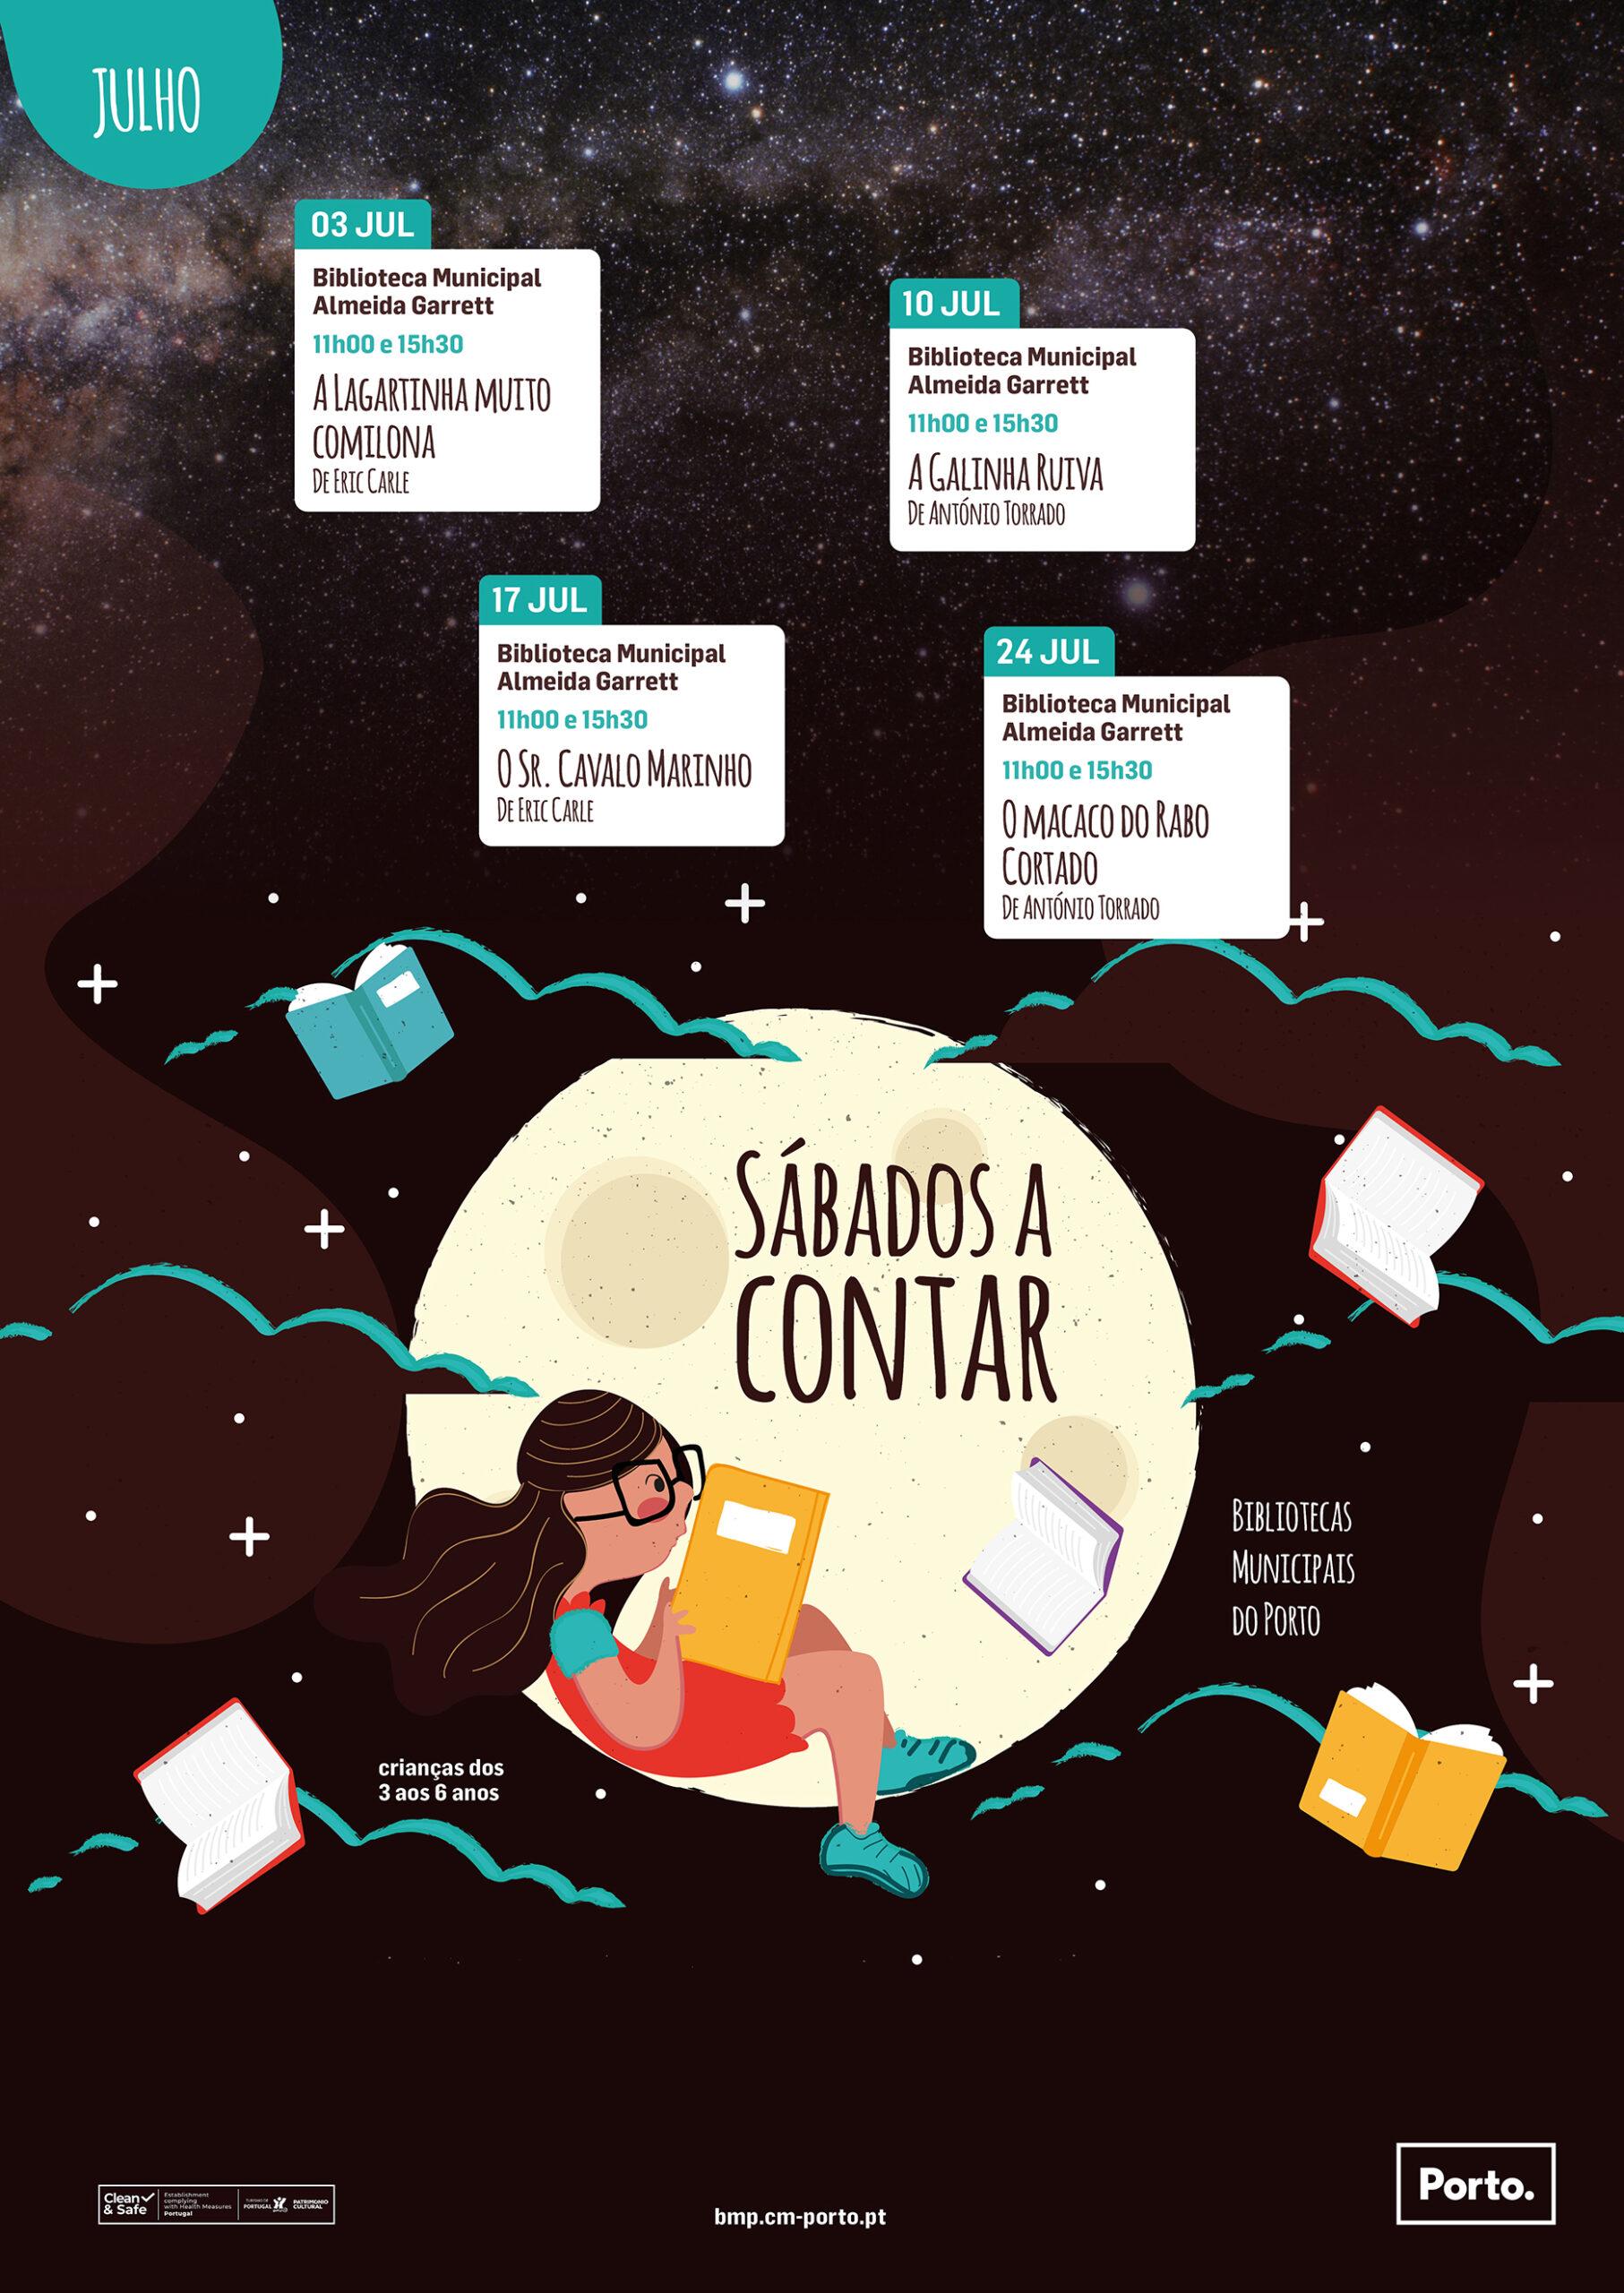 Sábados a Contar Biblioteca Municipal do Porto